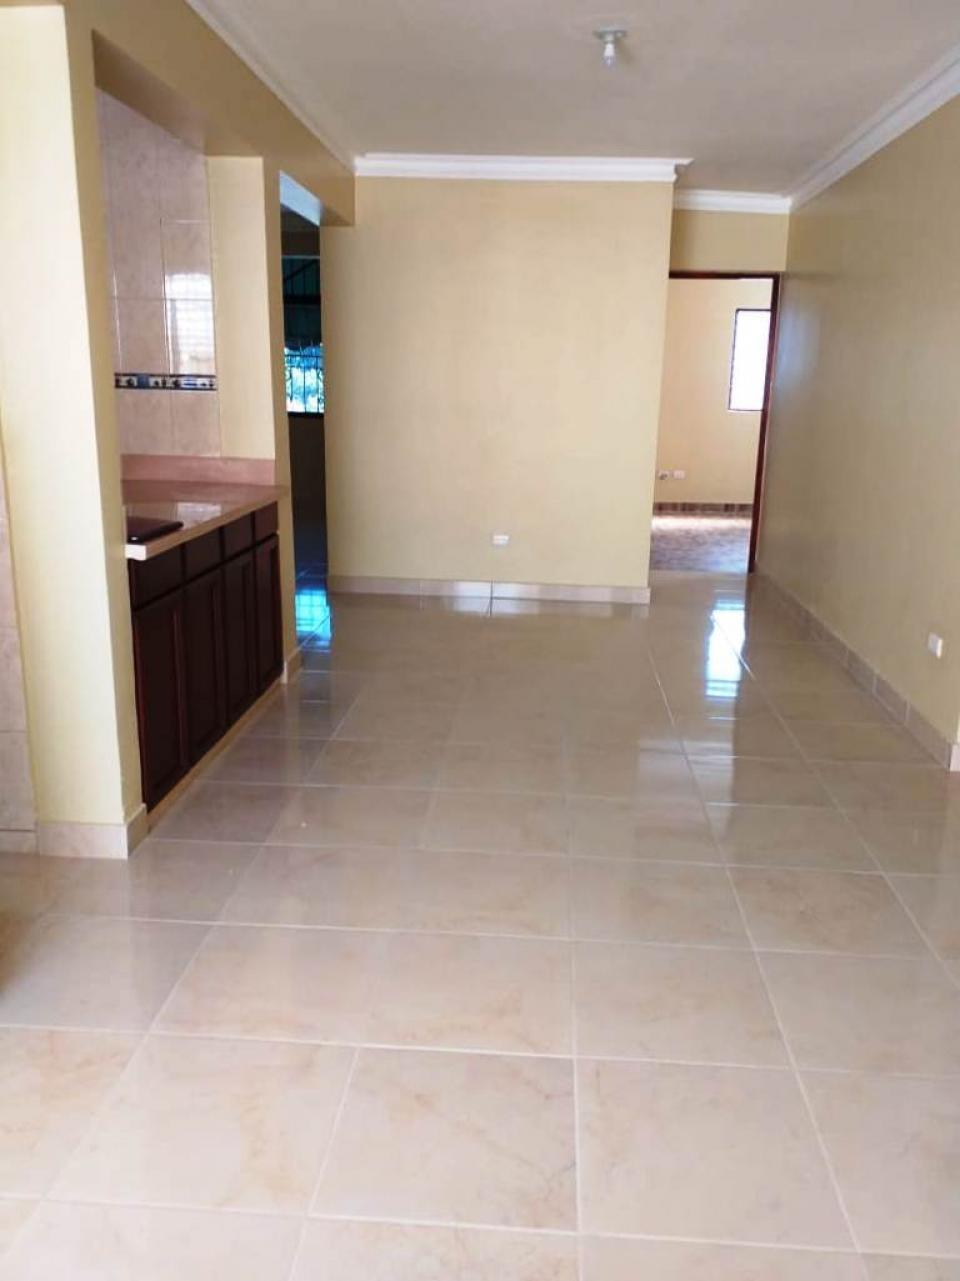 Apartamento en venta en el sector LAS ACACIAS precio RD$ 4,900,000.00 RD$4,900,000